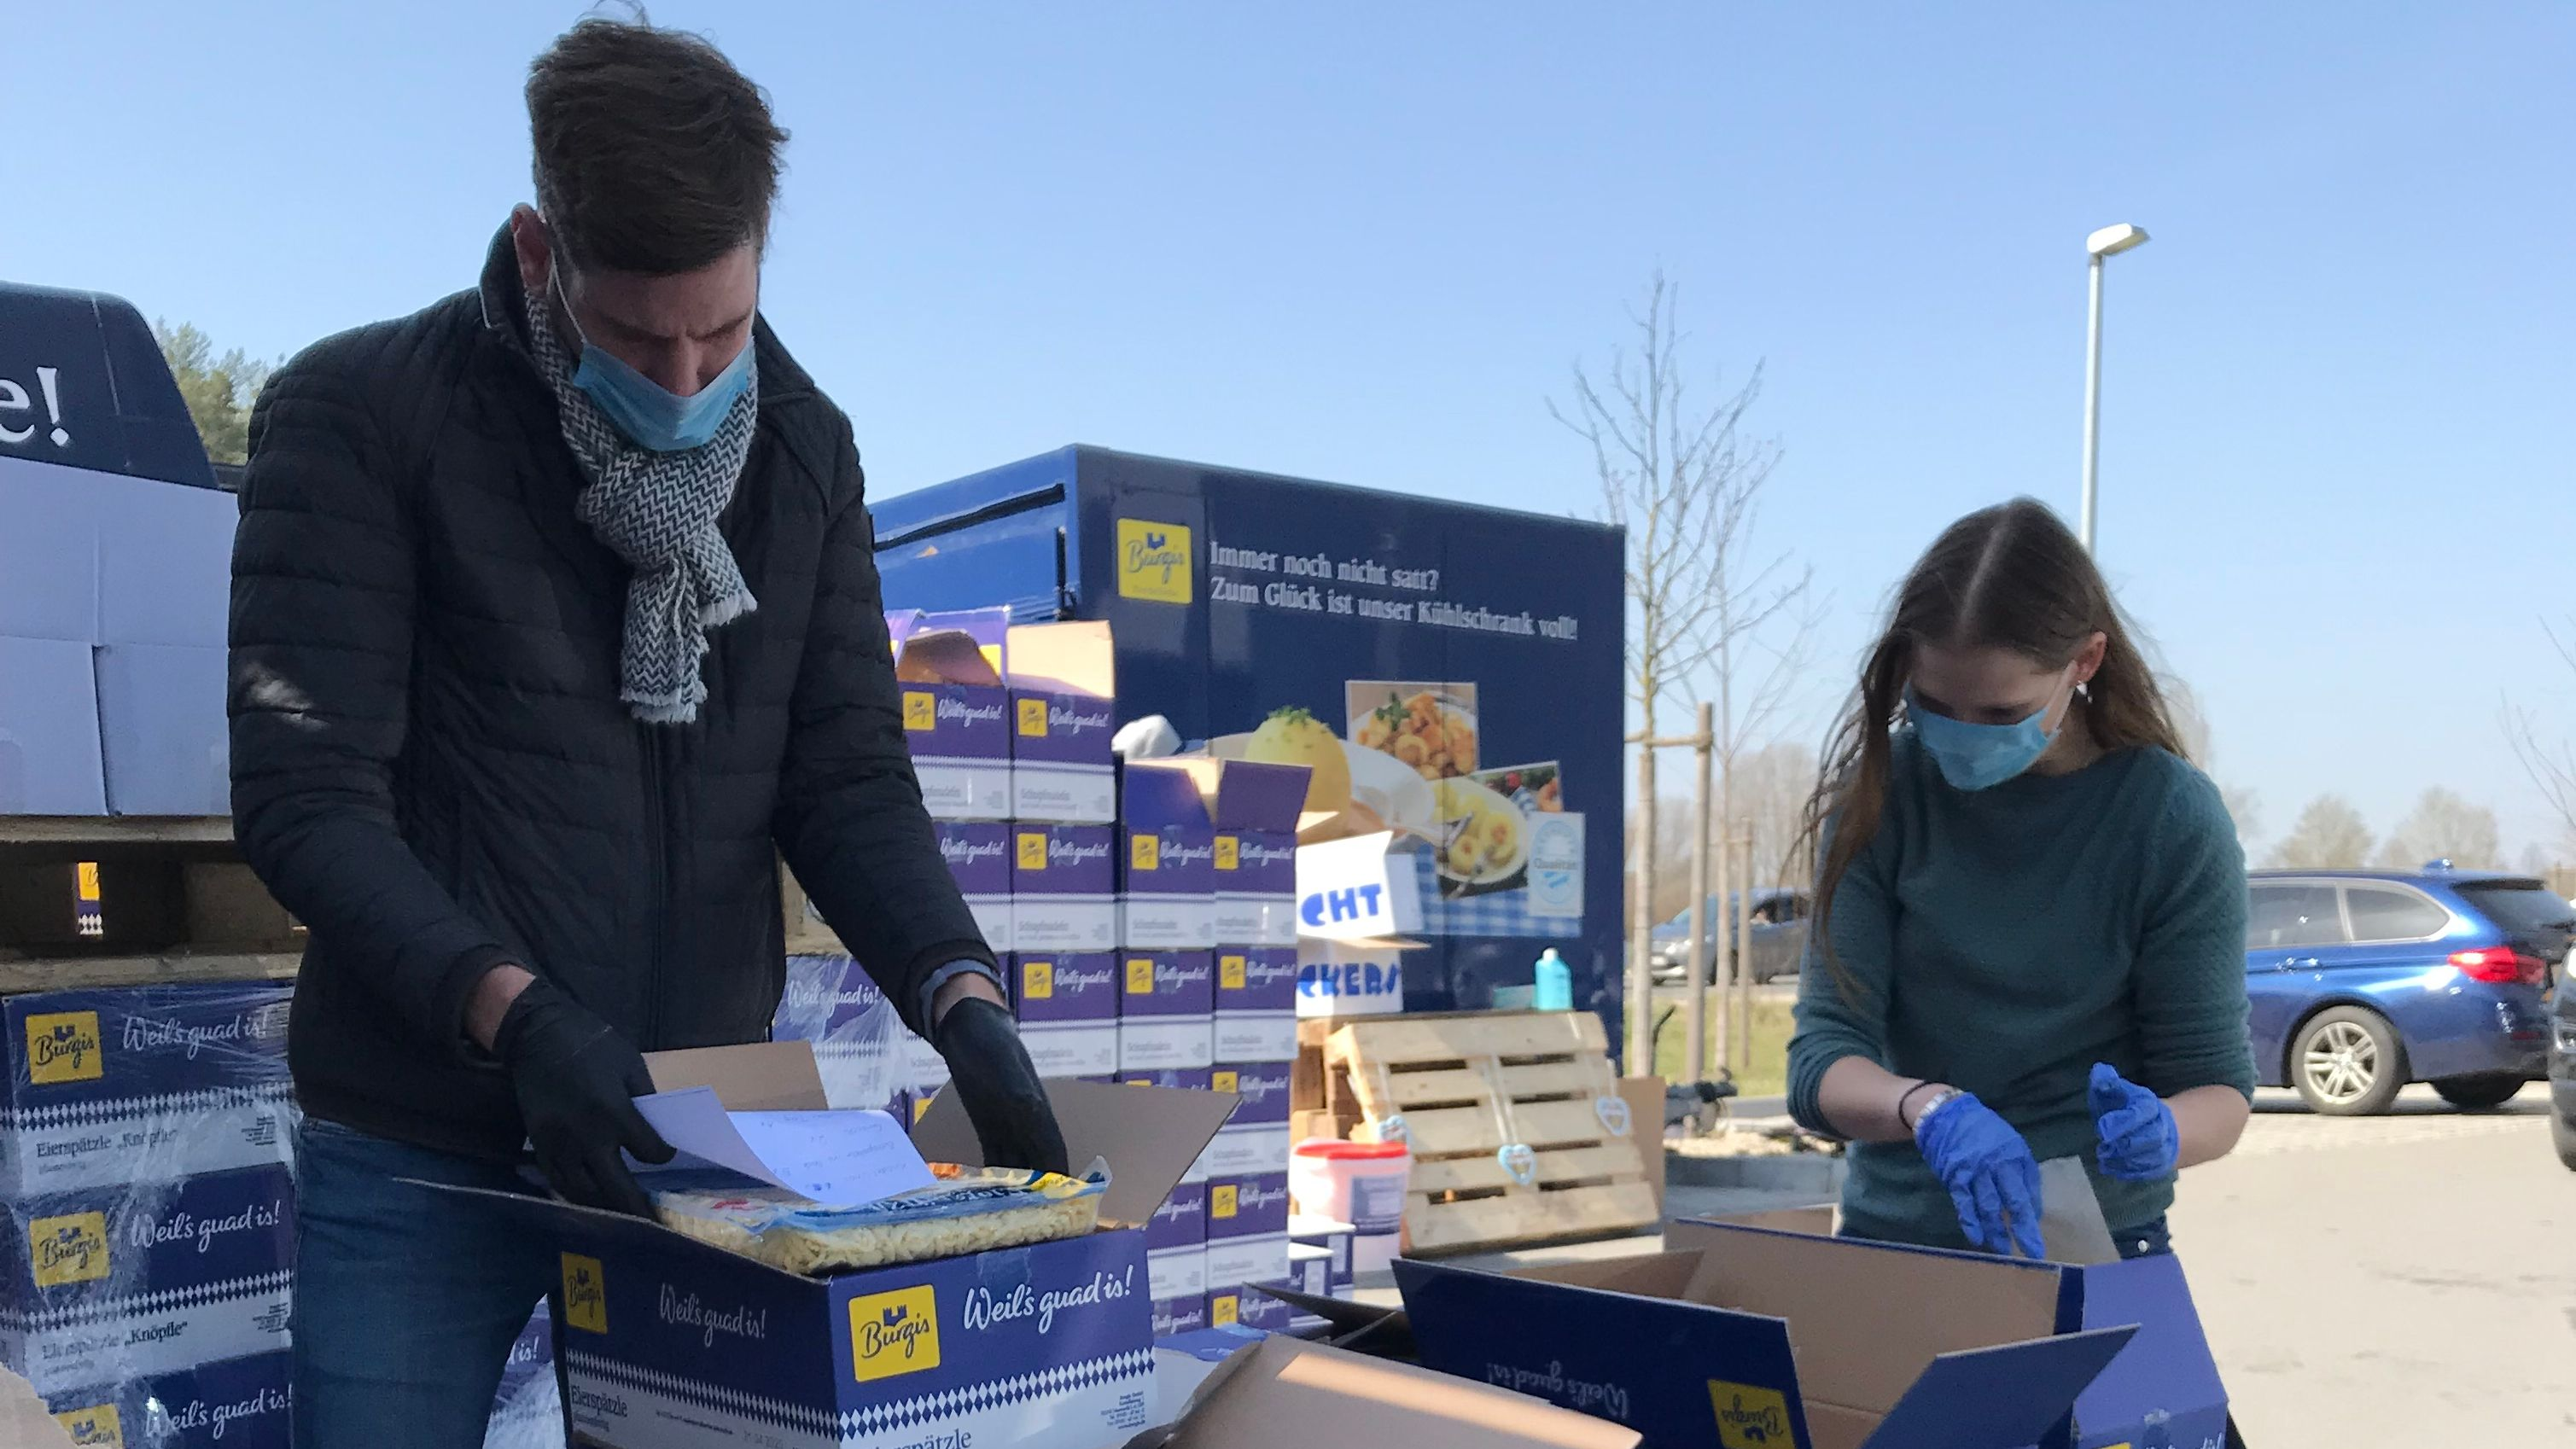 Die Burgis-Mitarbeiter laden mit Mundschutz und Handschuhen die Waren direkt in den Kofferraum der Besucher ein.